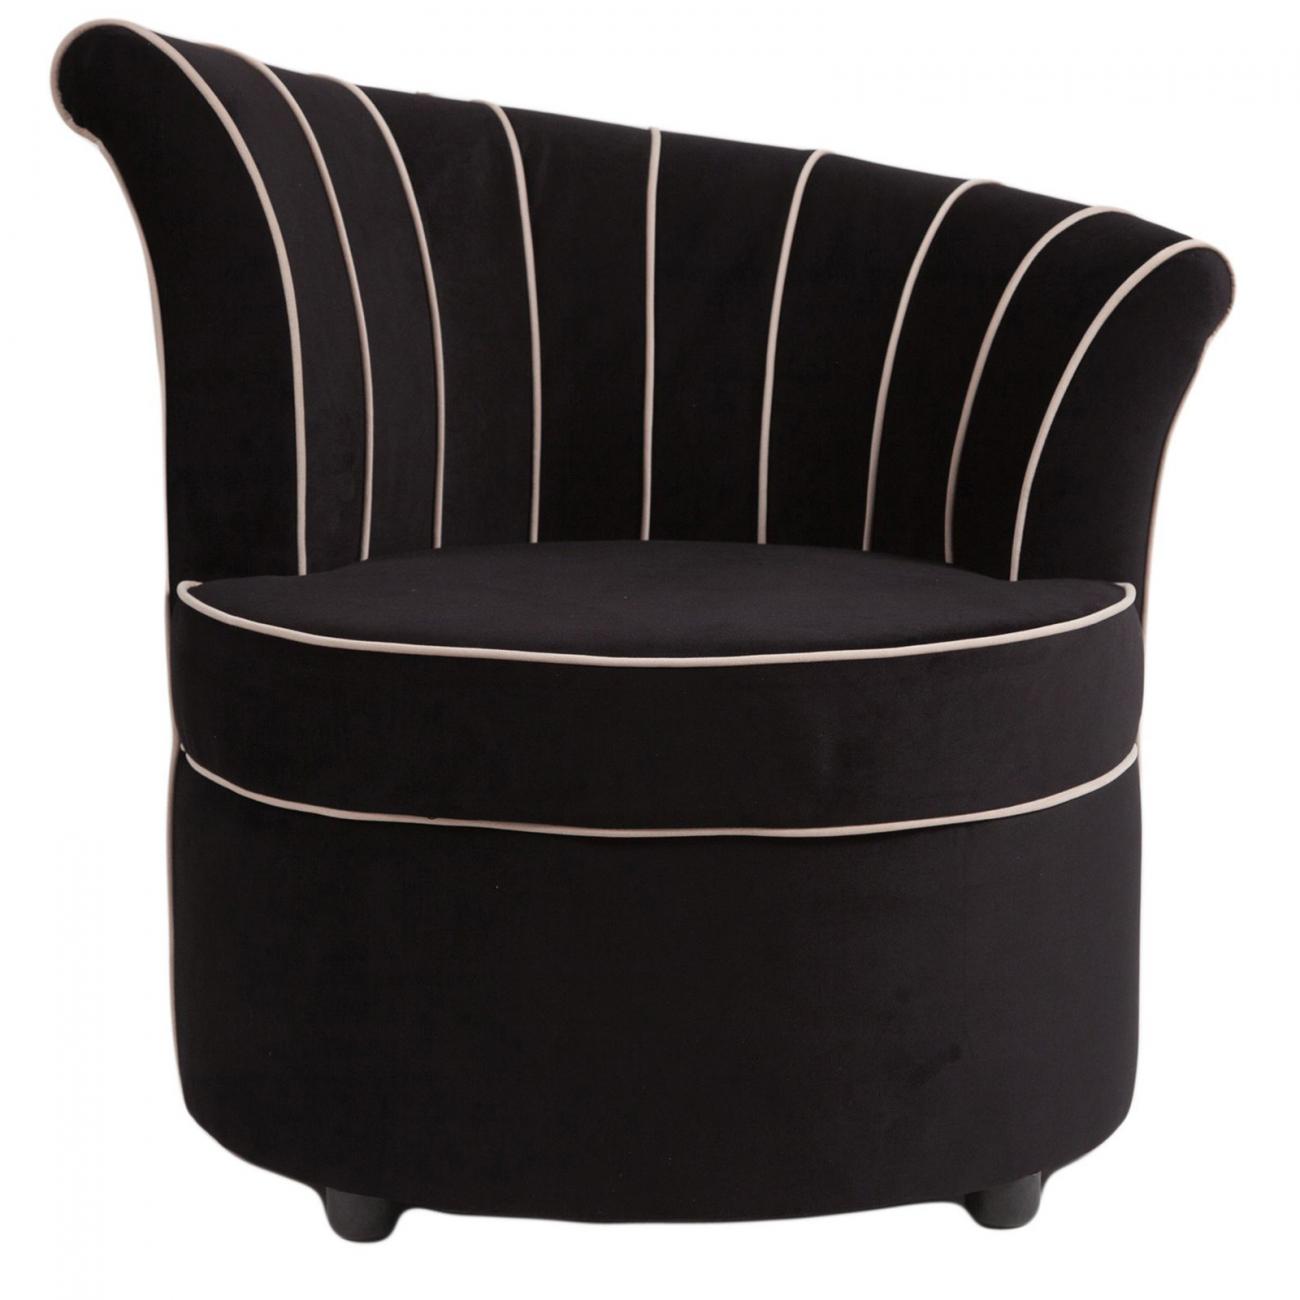 Купить Кресло Shell Чёрный Велюр в интернет магазине дизайнерской мебели и аксессуаров для дома и дачи